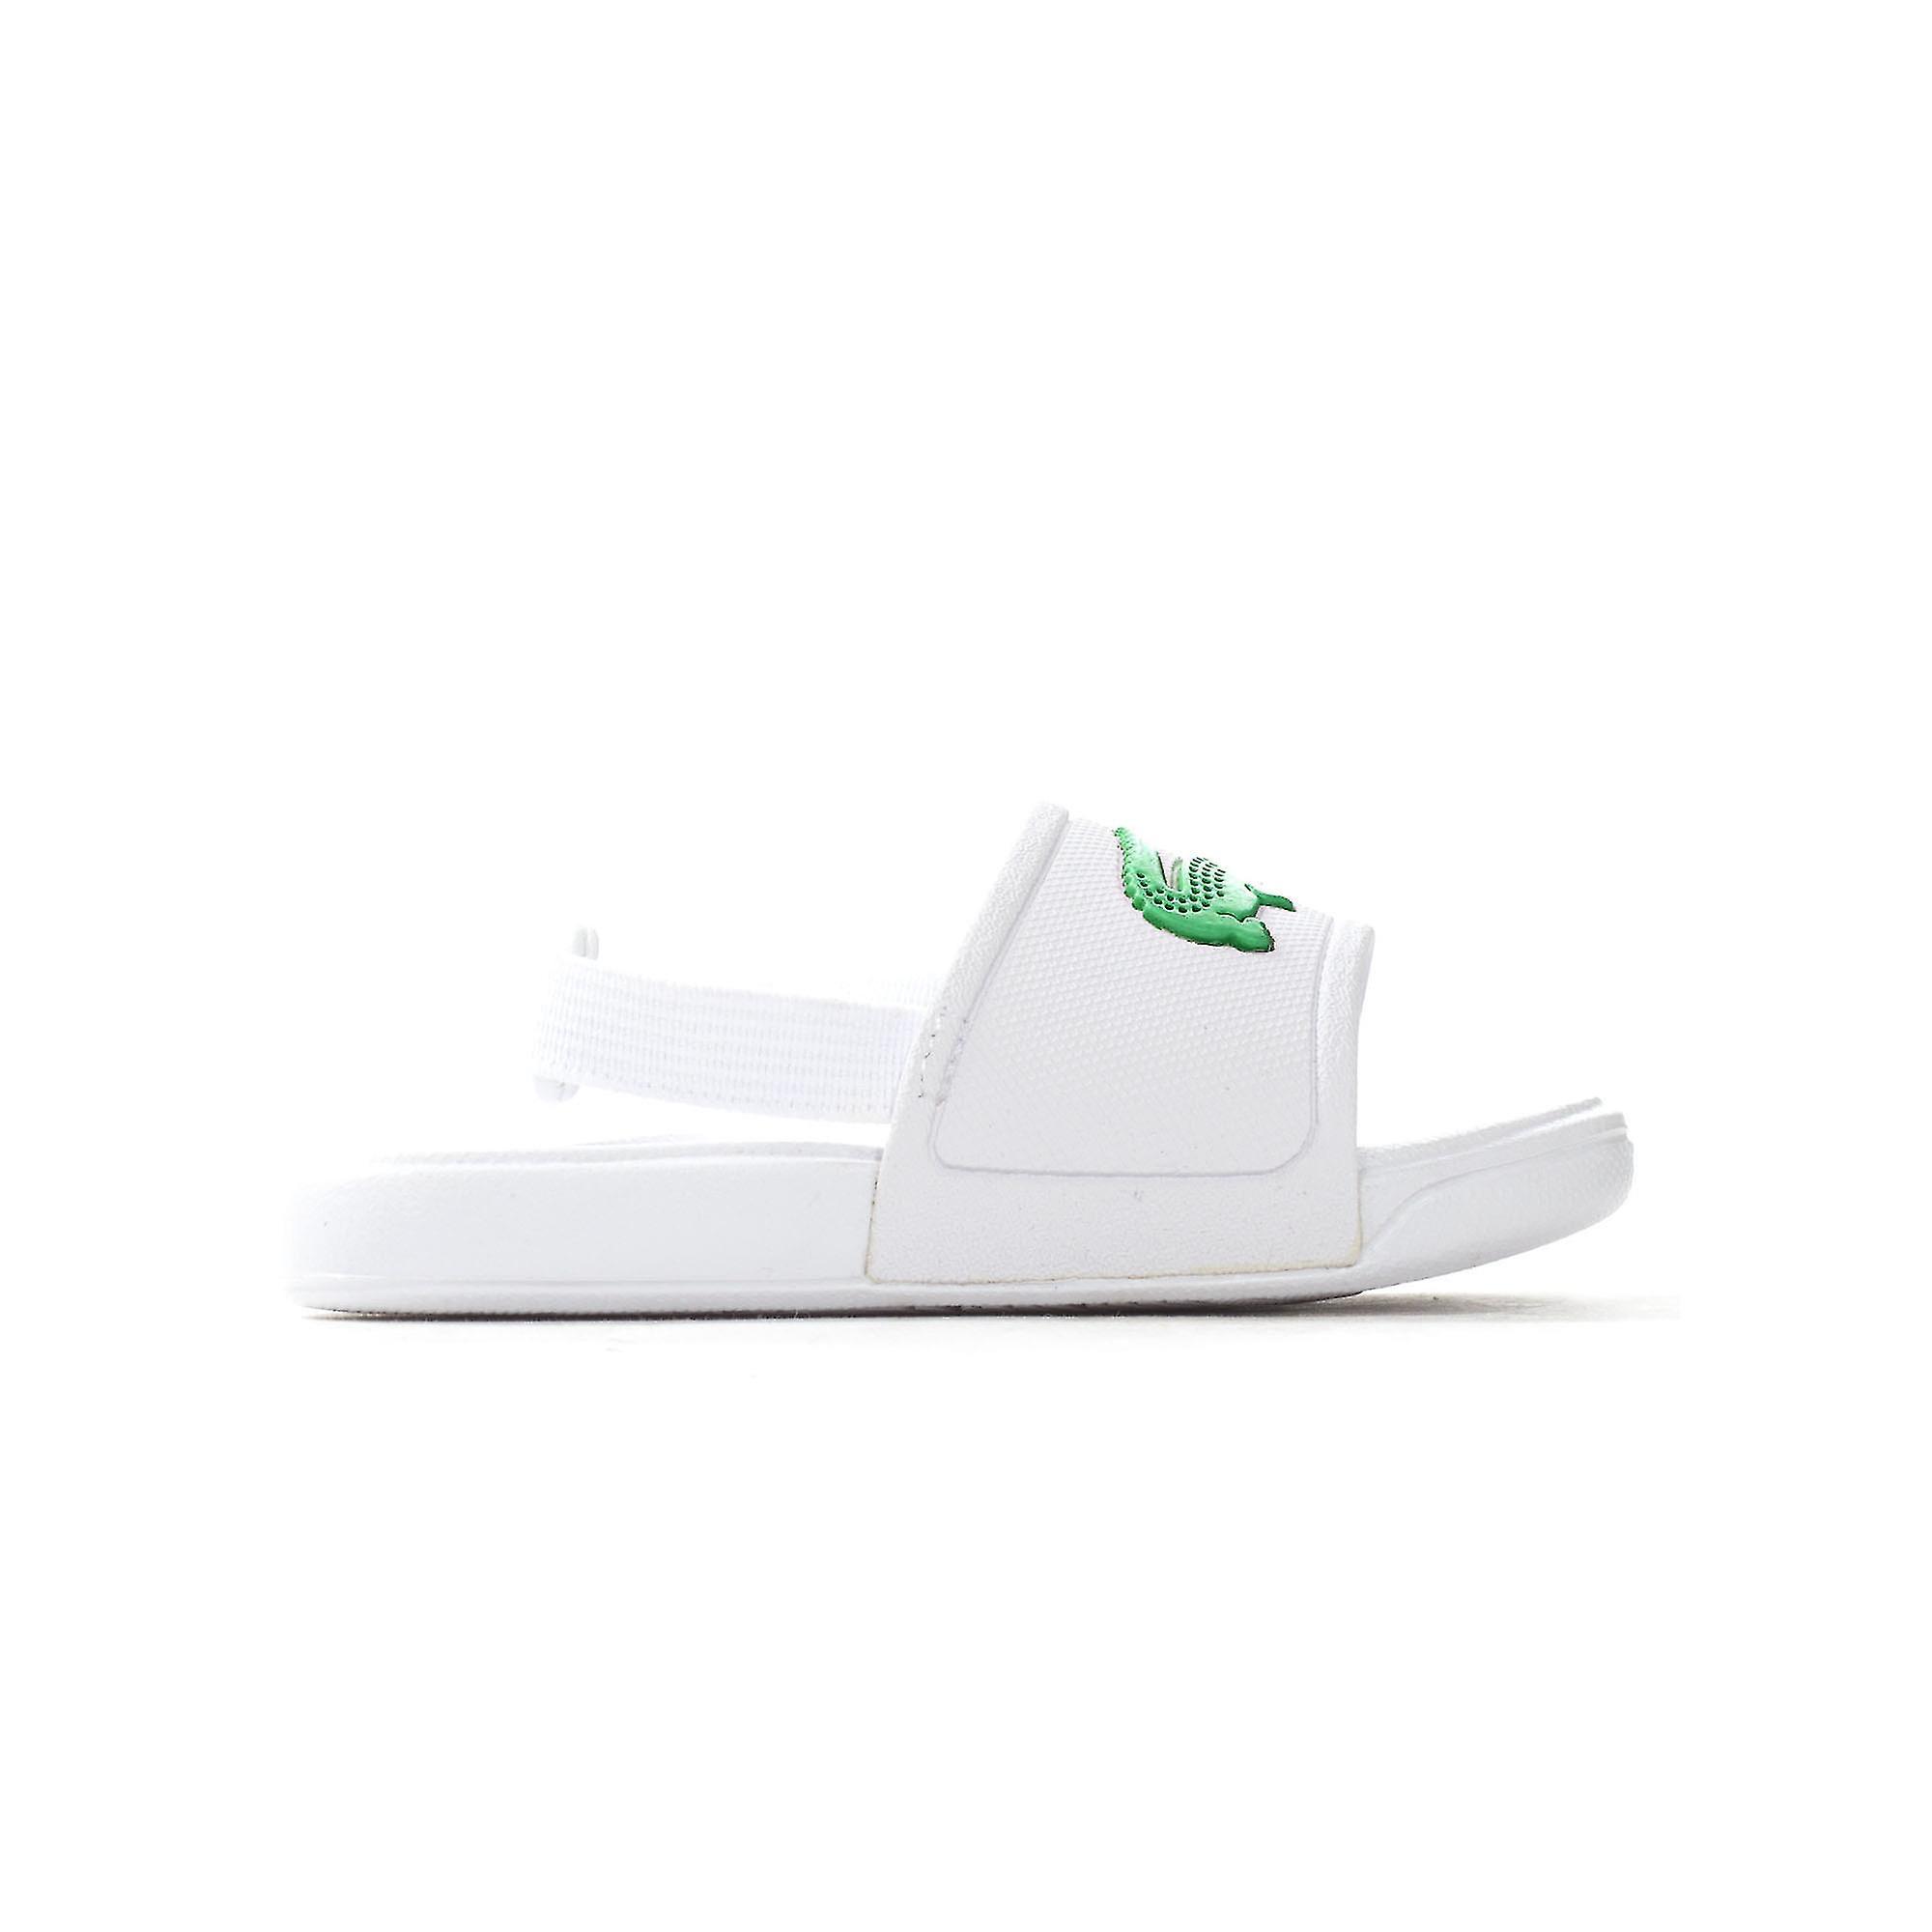 Lacoste L.30 Infant Kids Summer Flip Flop Slide White/Green